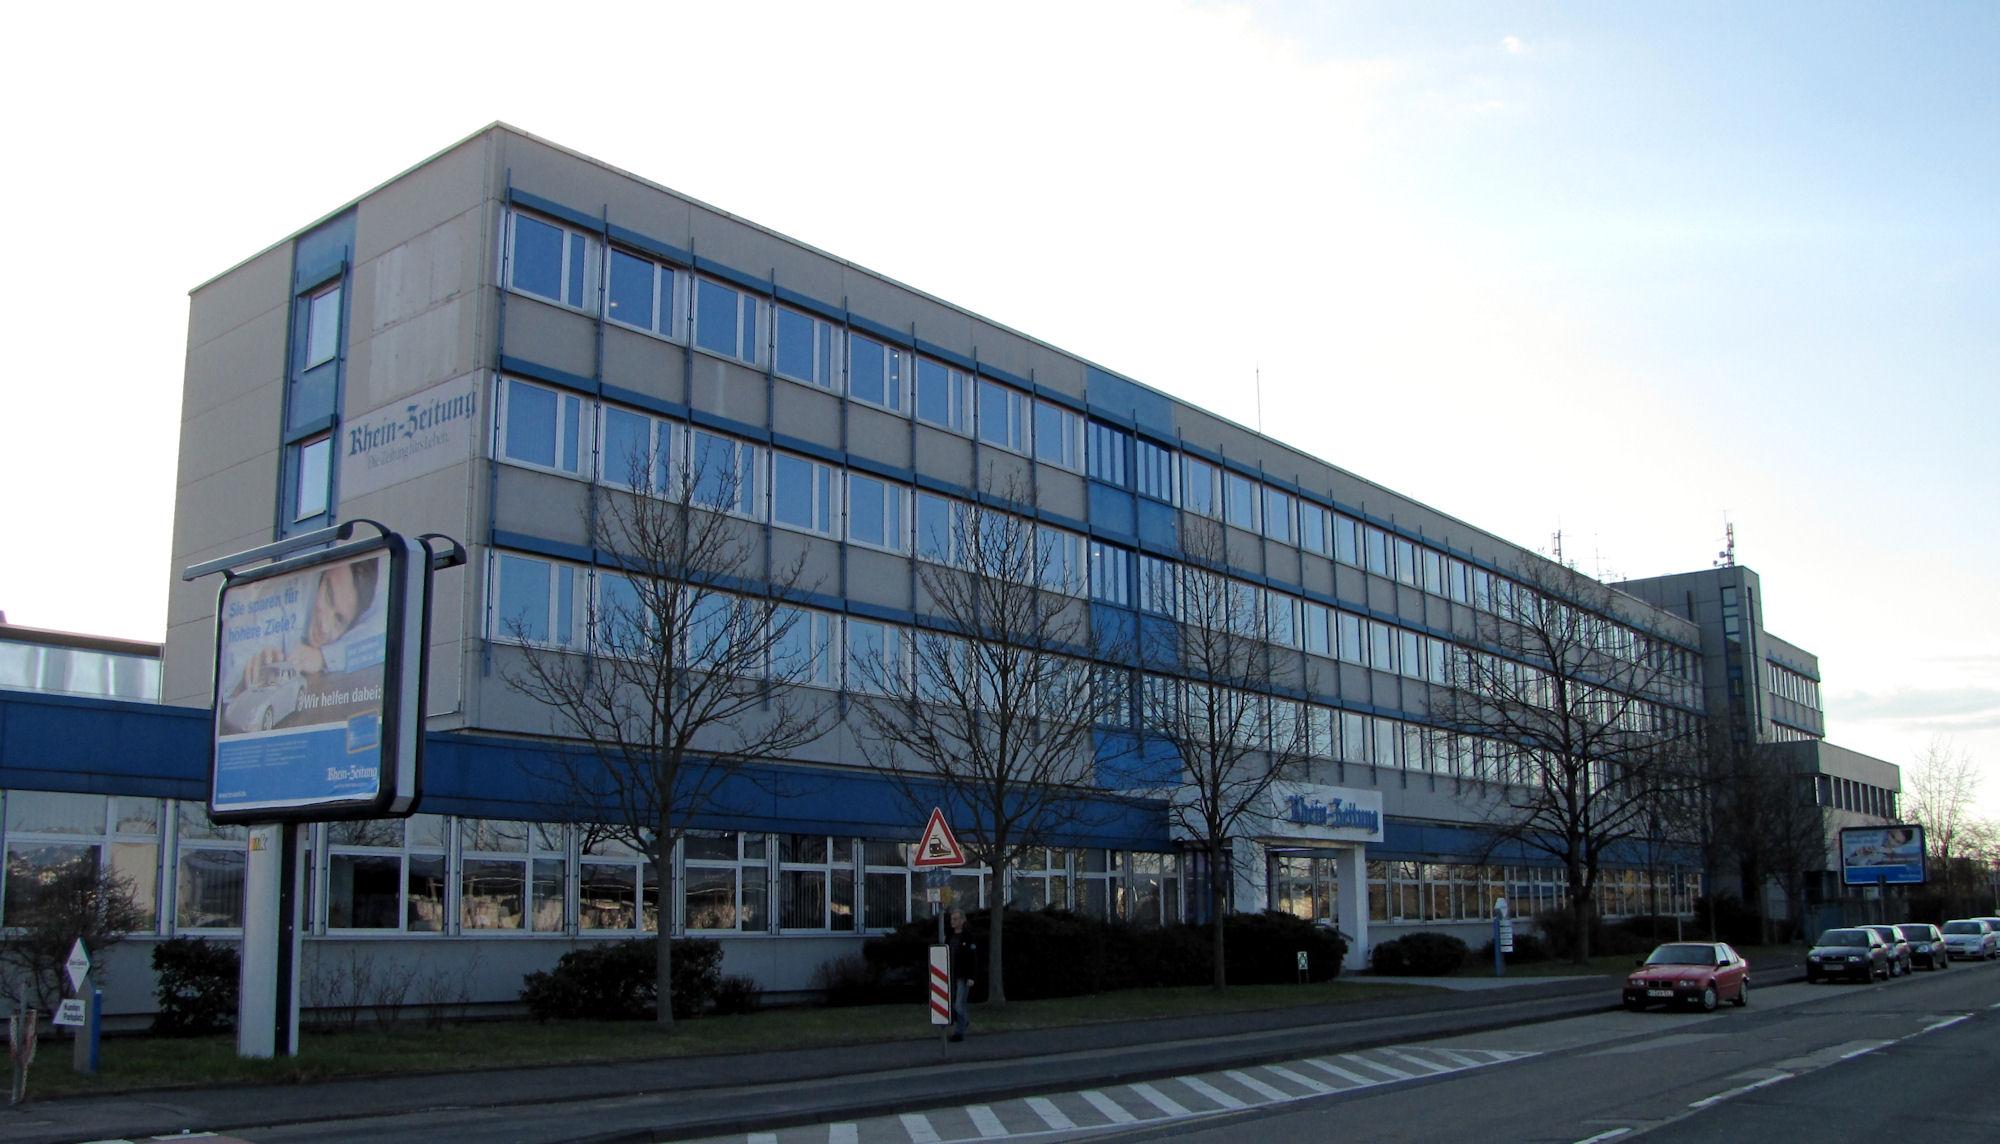 ... sucht vermisste Norwegerin - Rhein-Zeitung Koblenz - Rhein-Zeitung